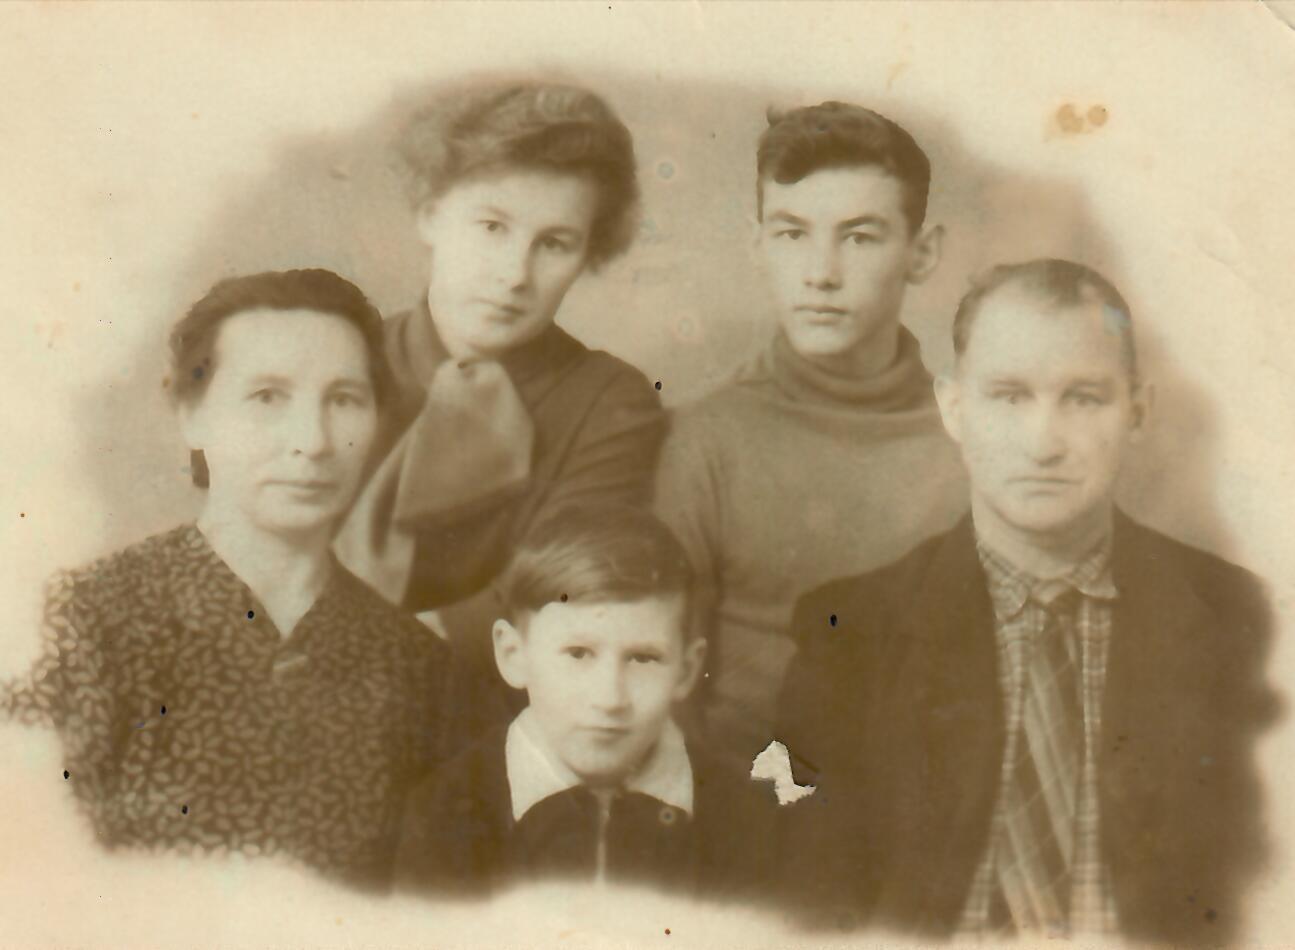 """Į Sibirą per sovietų operaciją """"Osen"""" 1951 metais ištremtų Kėdainių rajone gyvenusių Kvedžių šeima: tėvai Marijonas ir Emilija su vyriausiąja dukterimi Genovaite, viduriniuoju sūnumi Antanu bei jaunėliu Viduku. Asmeninio archyvo nuotr."""